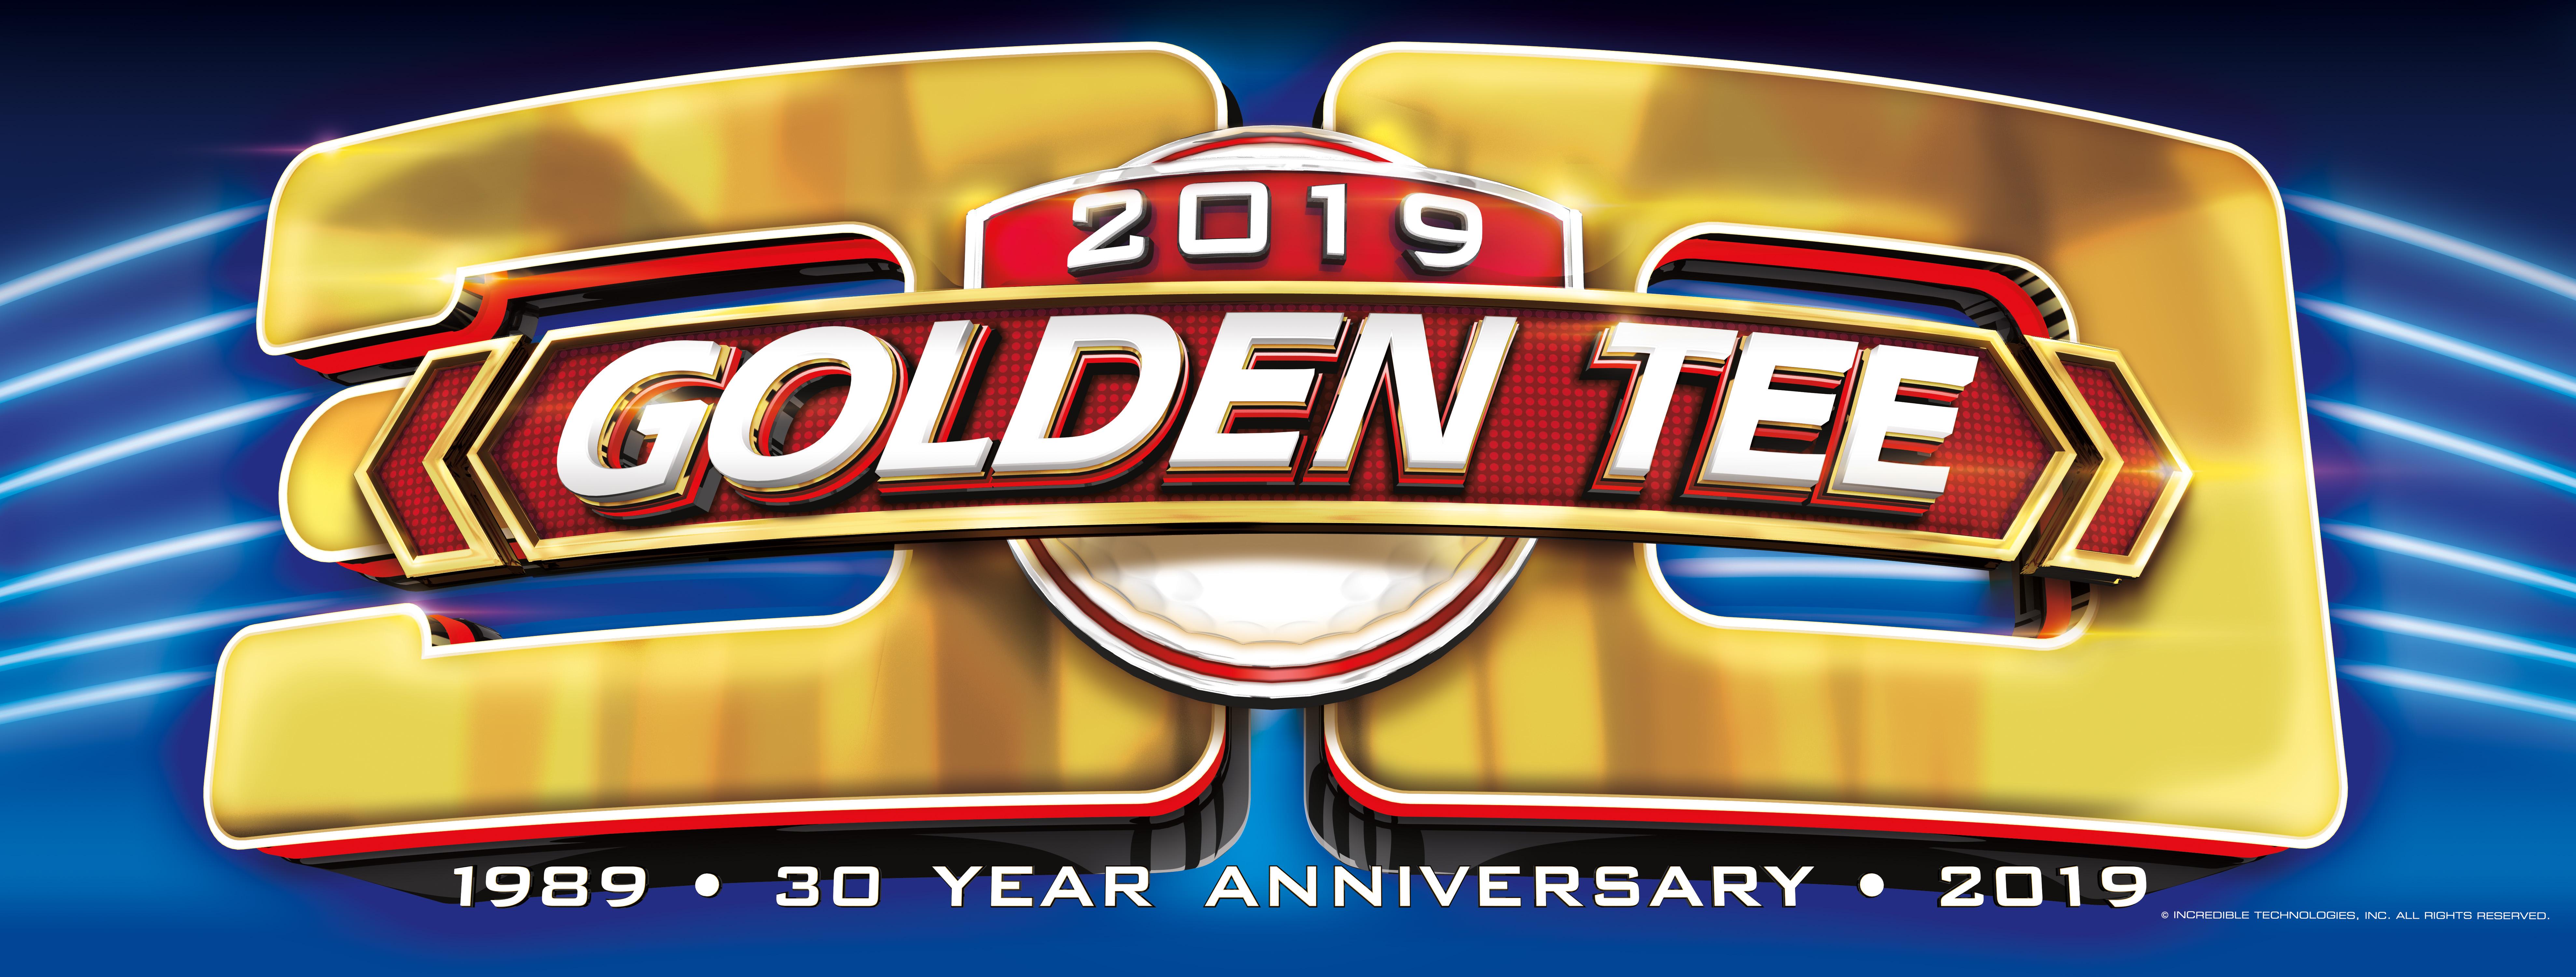 Golden Tee 2019 marquee